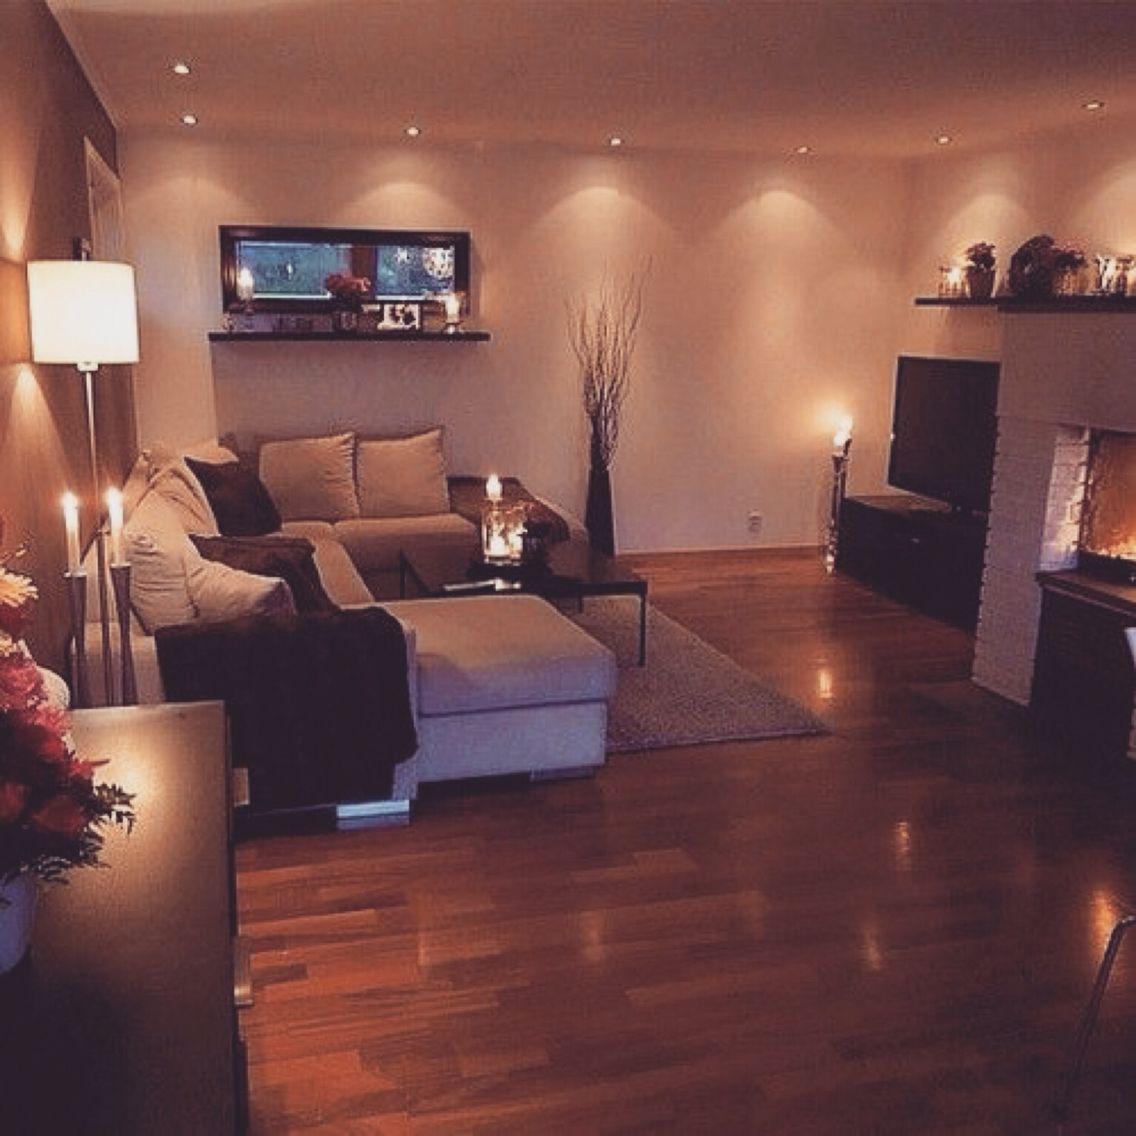 Einrichtungsideen für wohnkultur pin von erica nicholson auf home decorating  pinterest  wohnzimmer